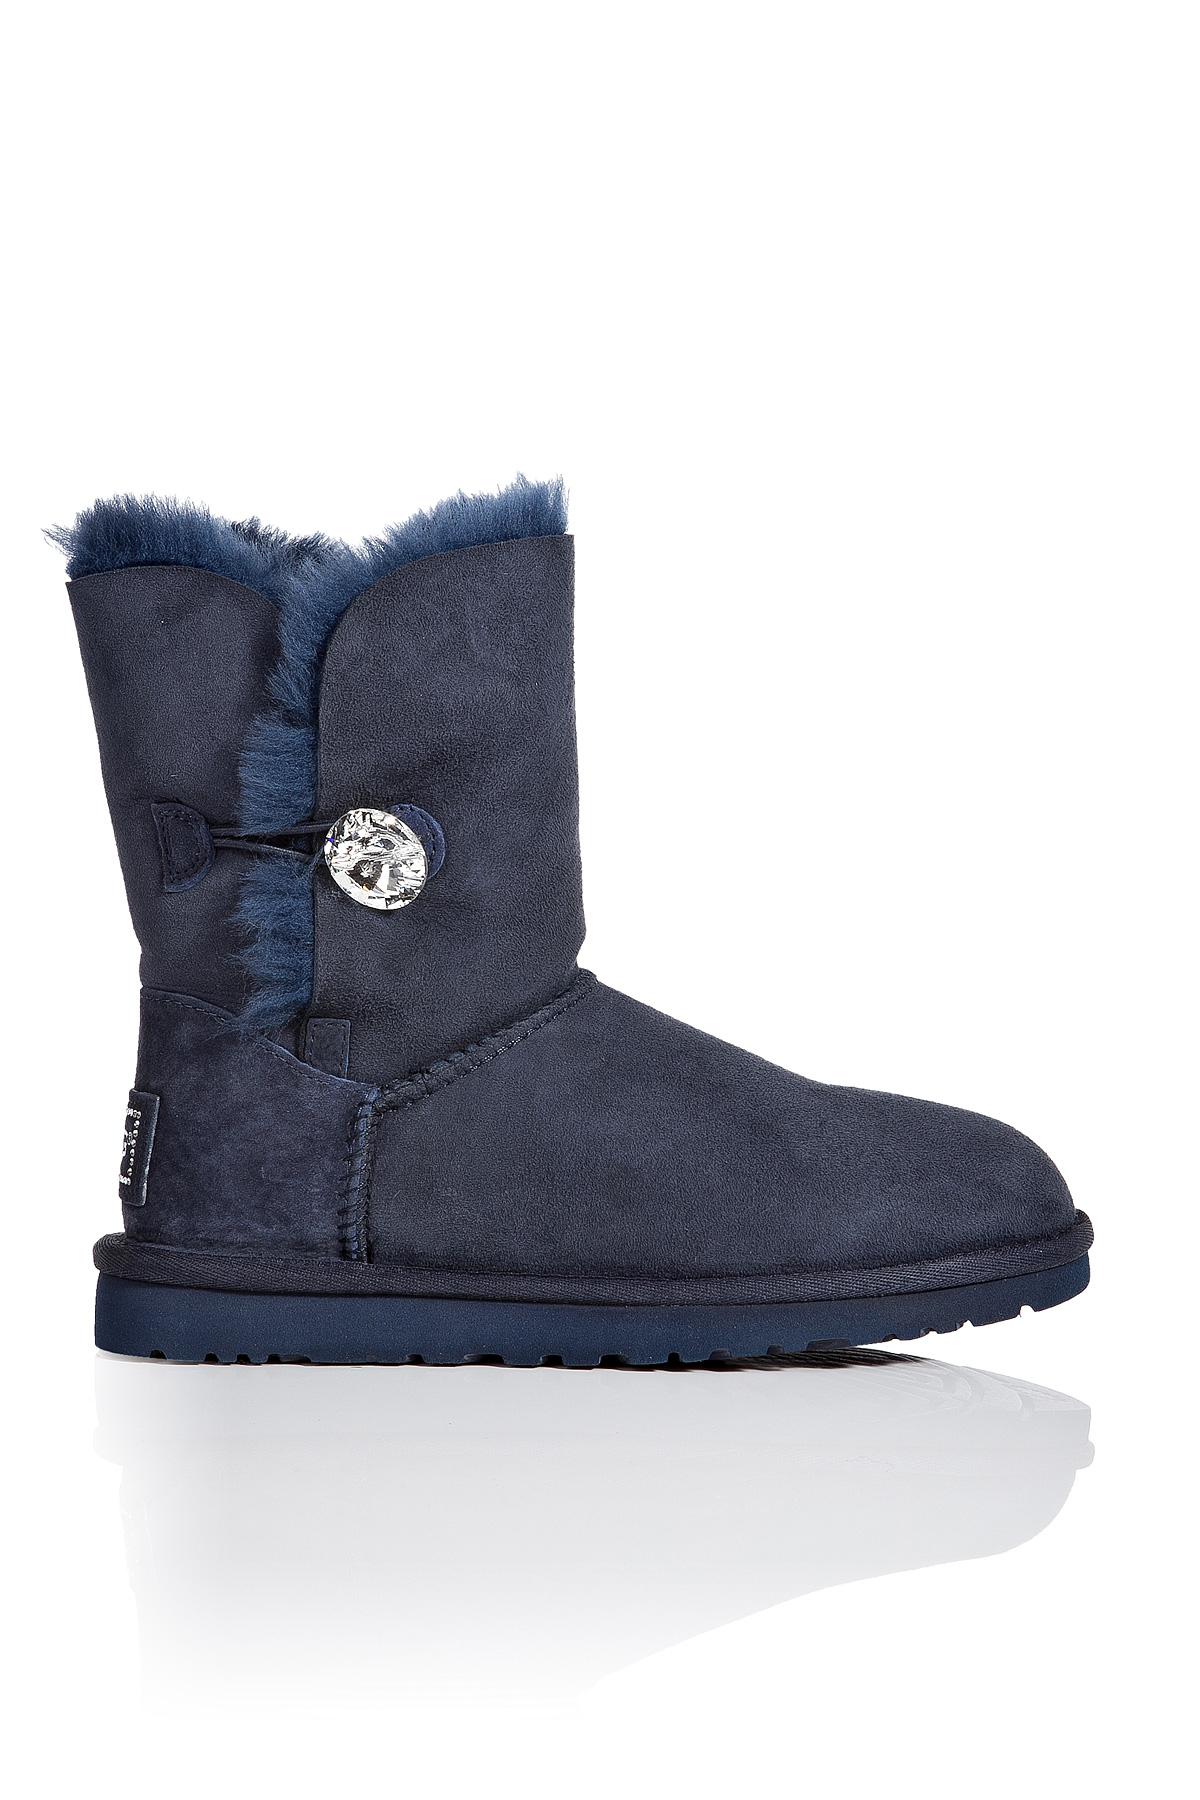 b2464b7444e Dark Blue Ugg Boots - cheap watches mgc-gas.com